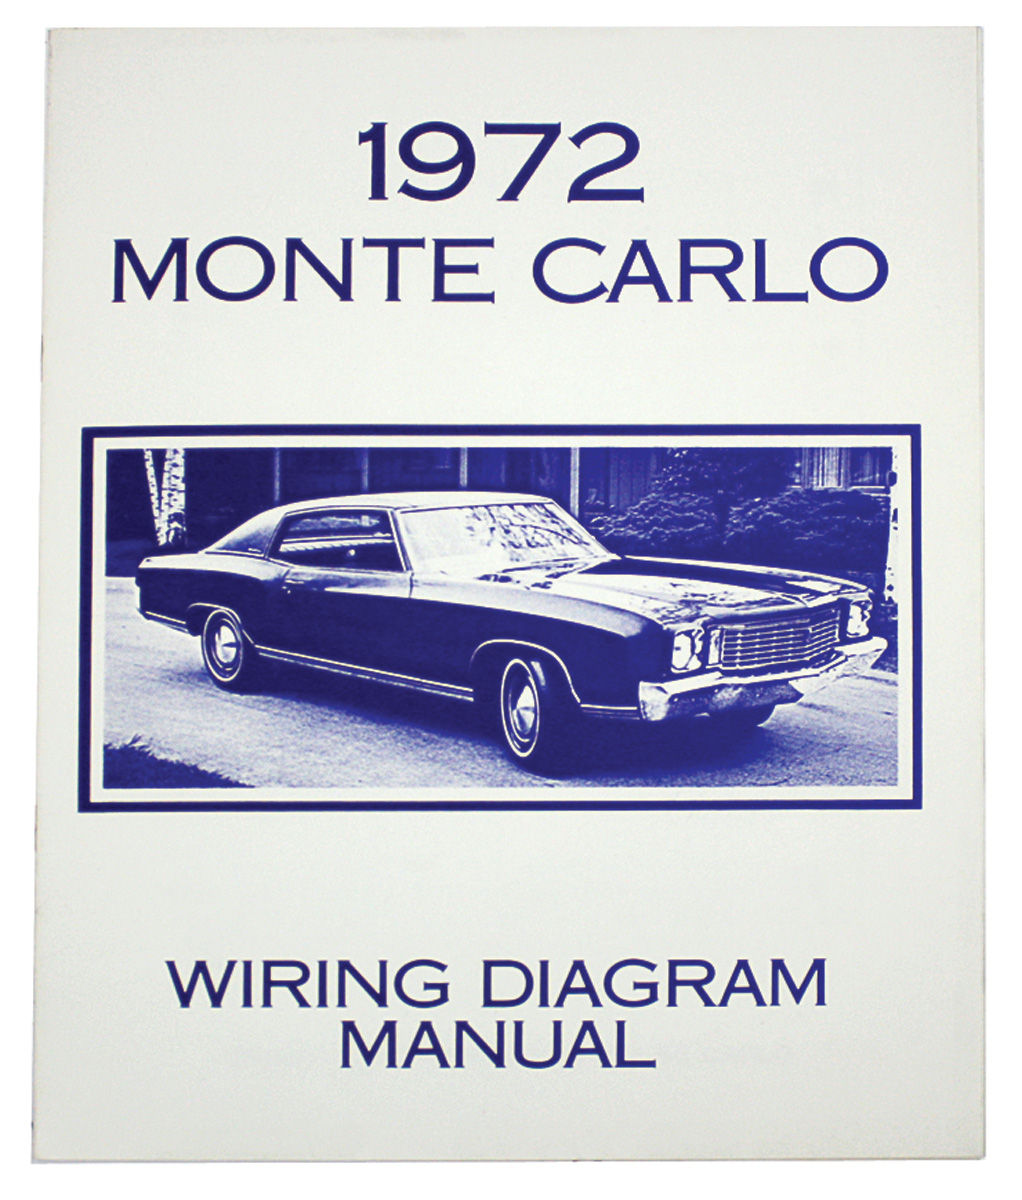 hight resolution of monte carlo wiring diagram manuals opgi com rh opgi com 1972 chevy blazer wiring diagram 1996 chevy monte carlo